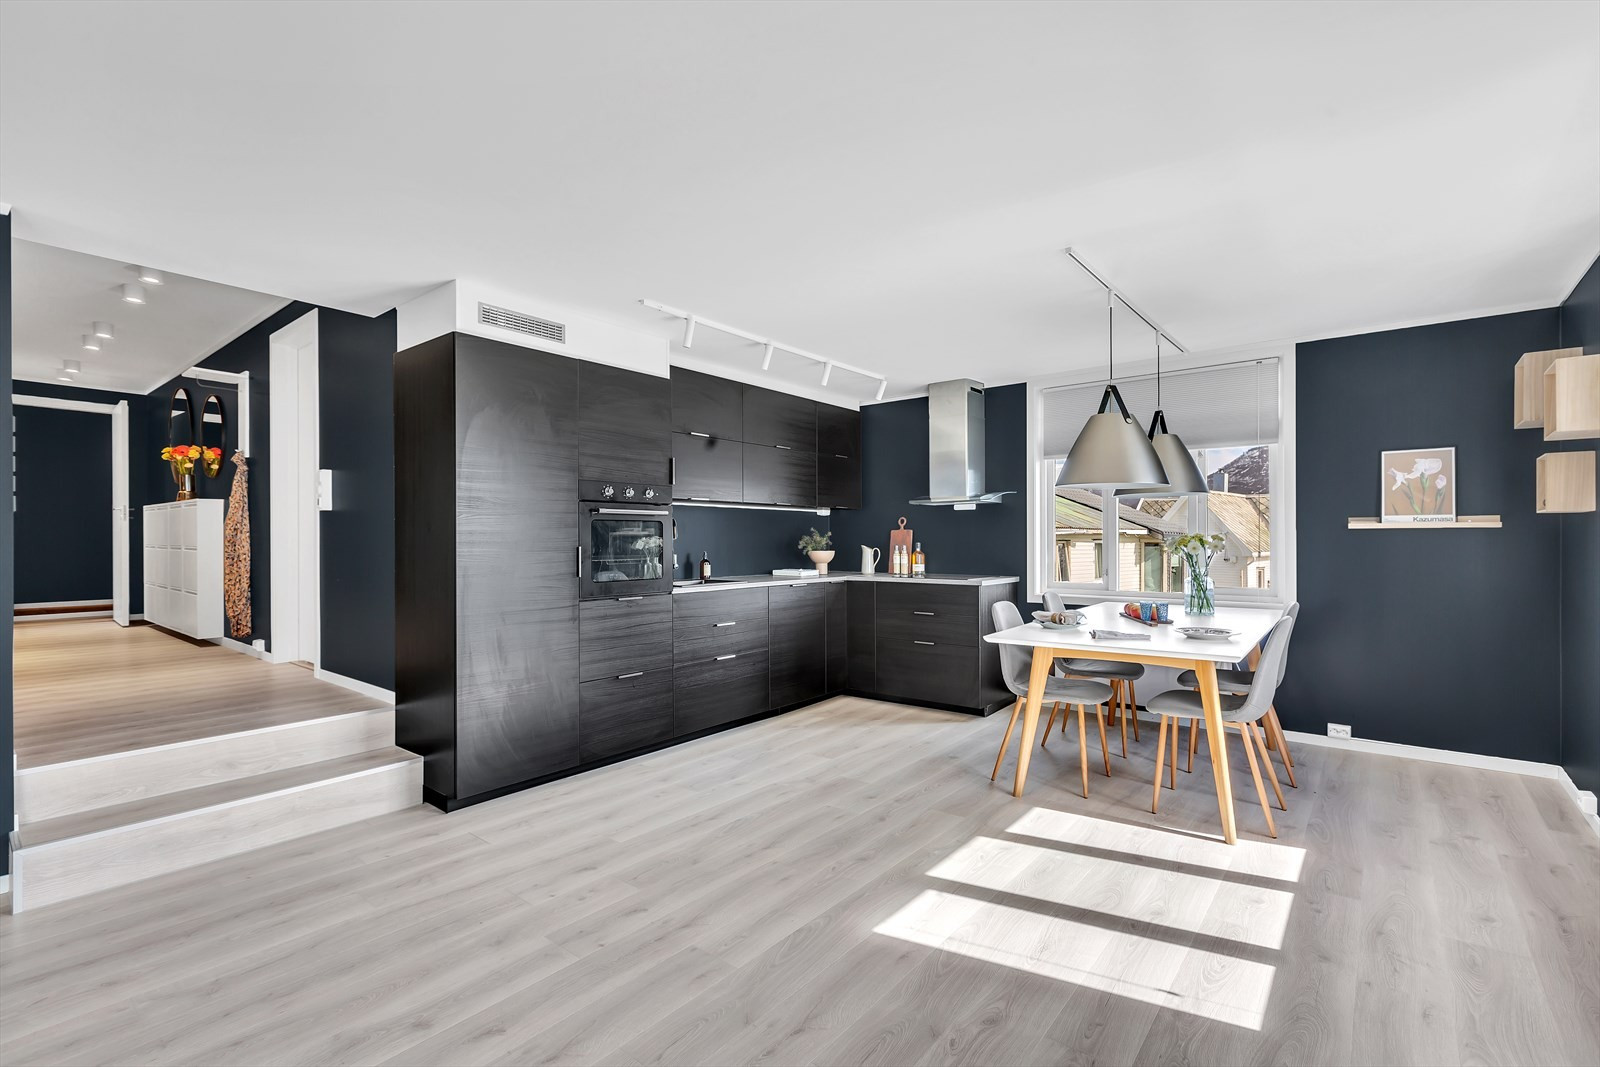 Stuen og kjøkkenet er i åpen løsning. Som bildet viser er det rikelig med plass til spisestue ved kjøkkenet